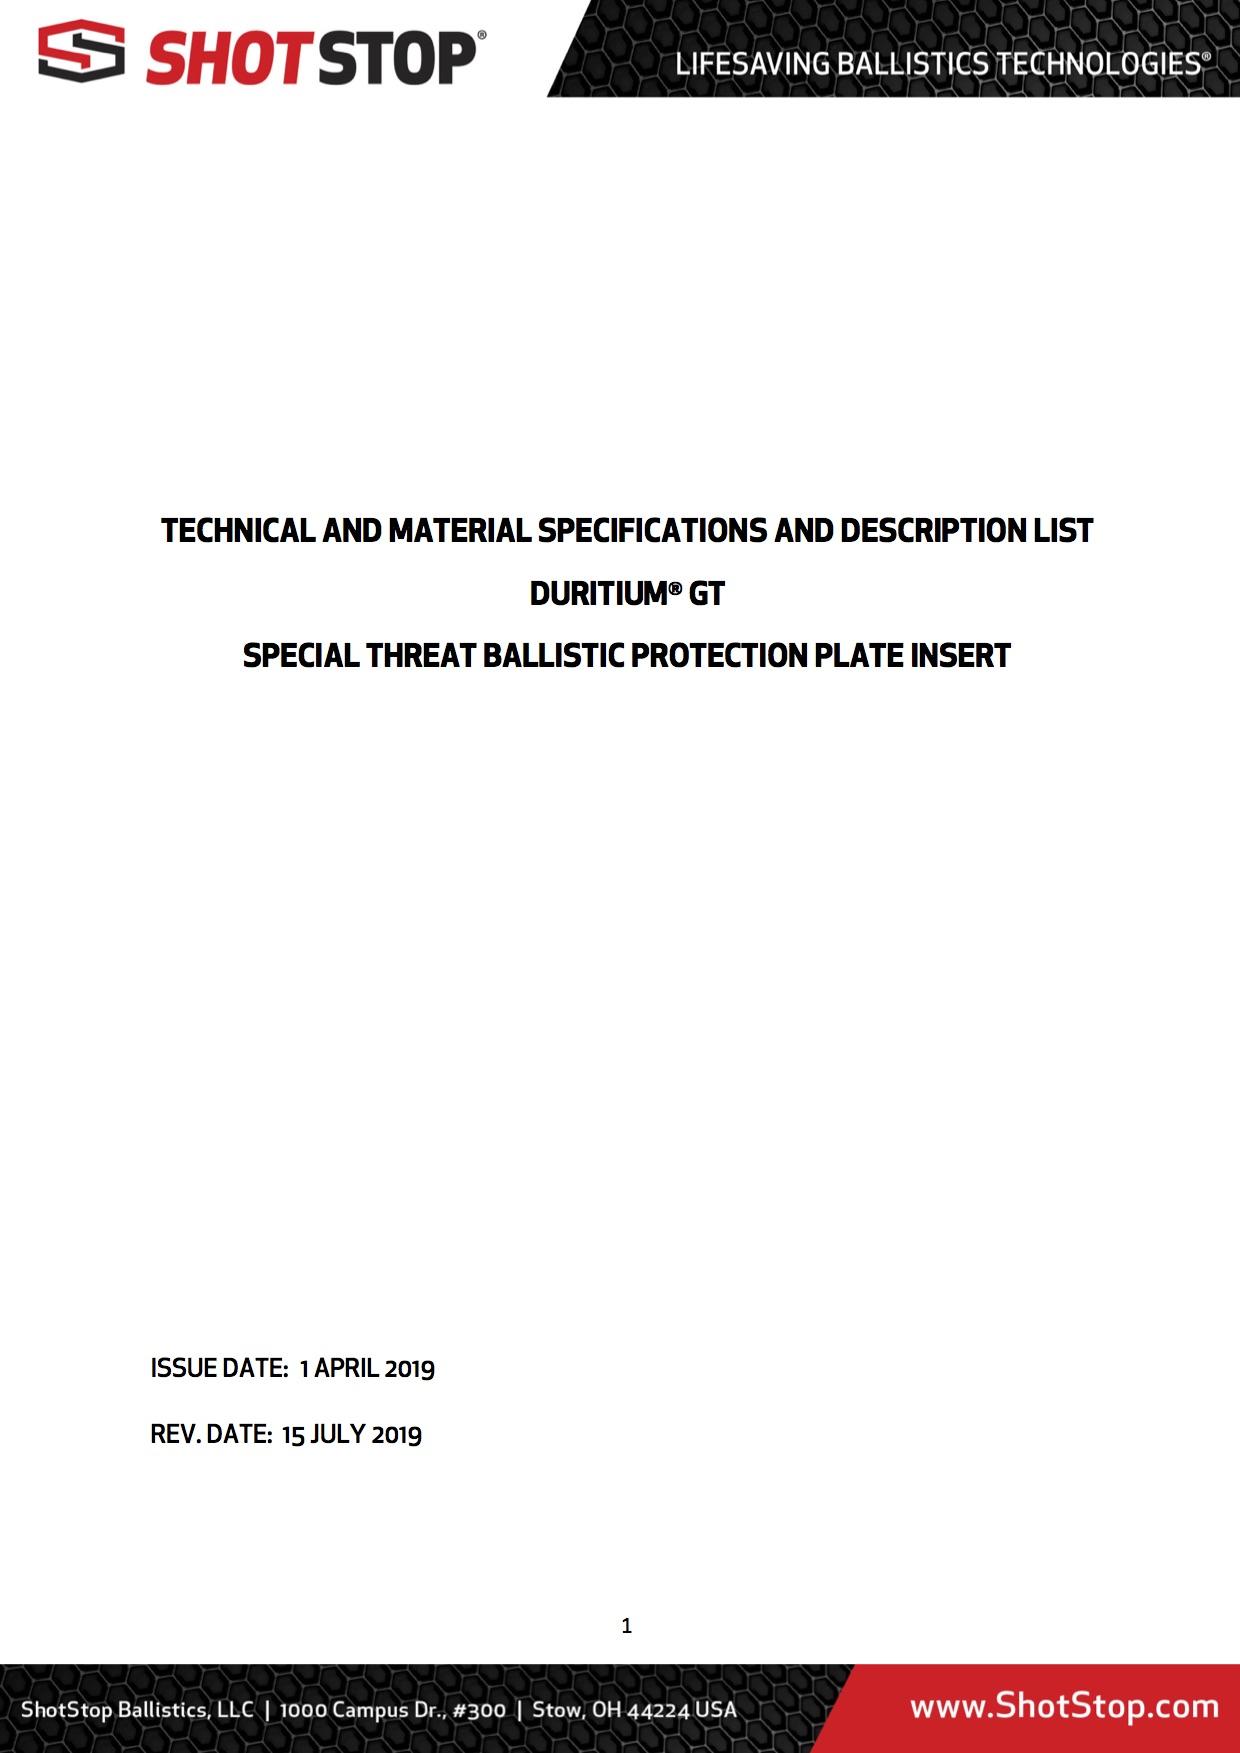 Duritium GT Product Technical Design Report